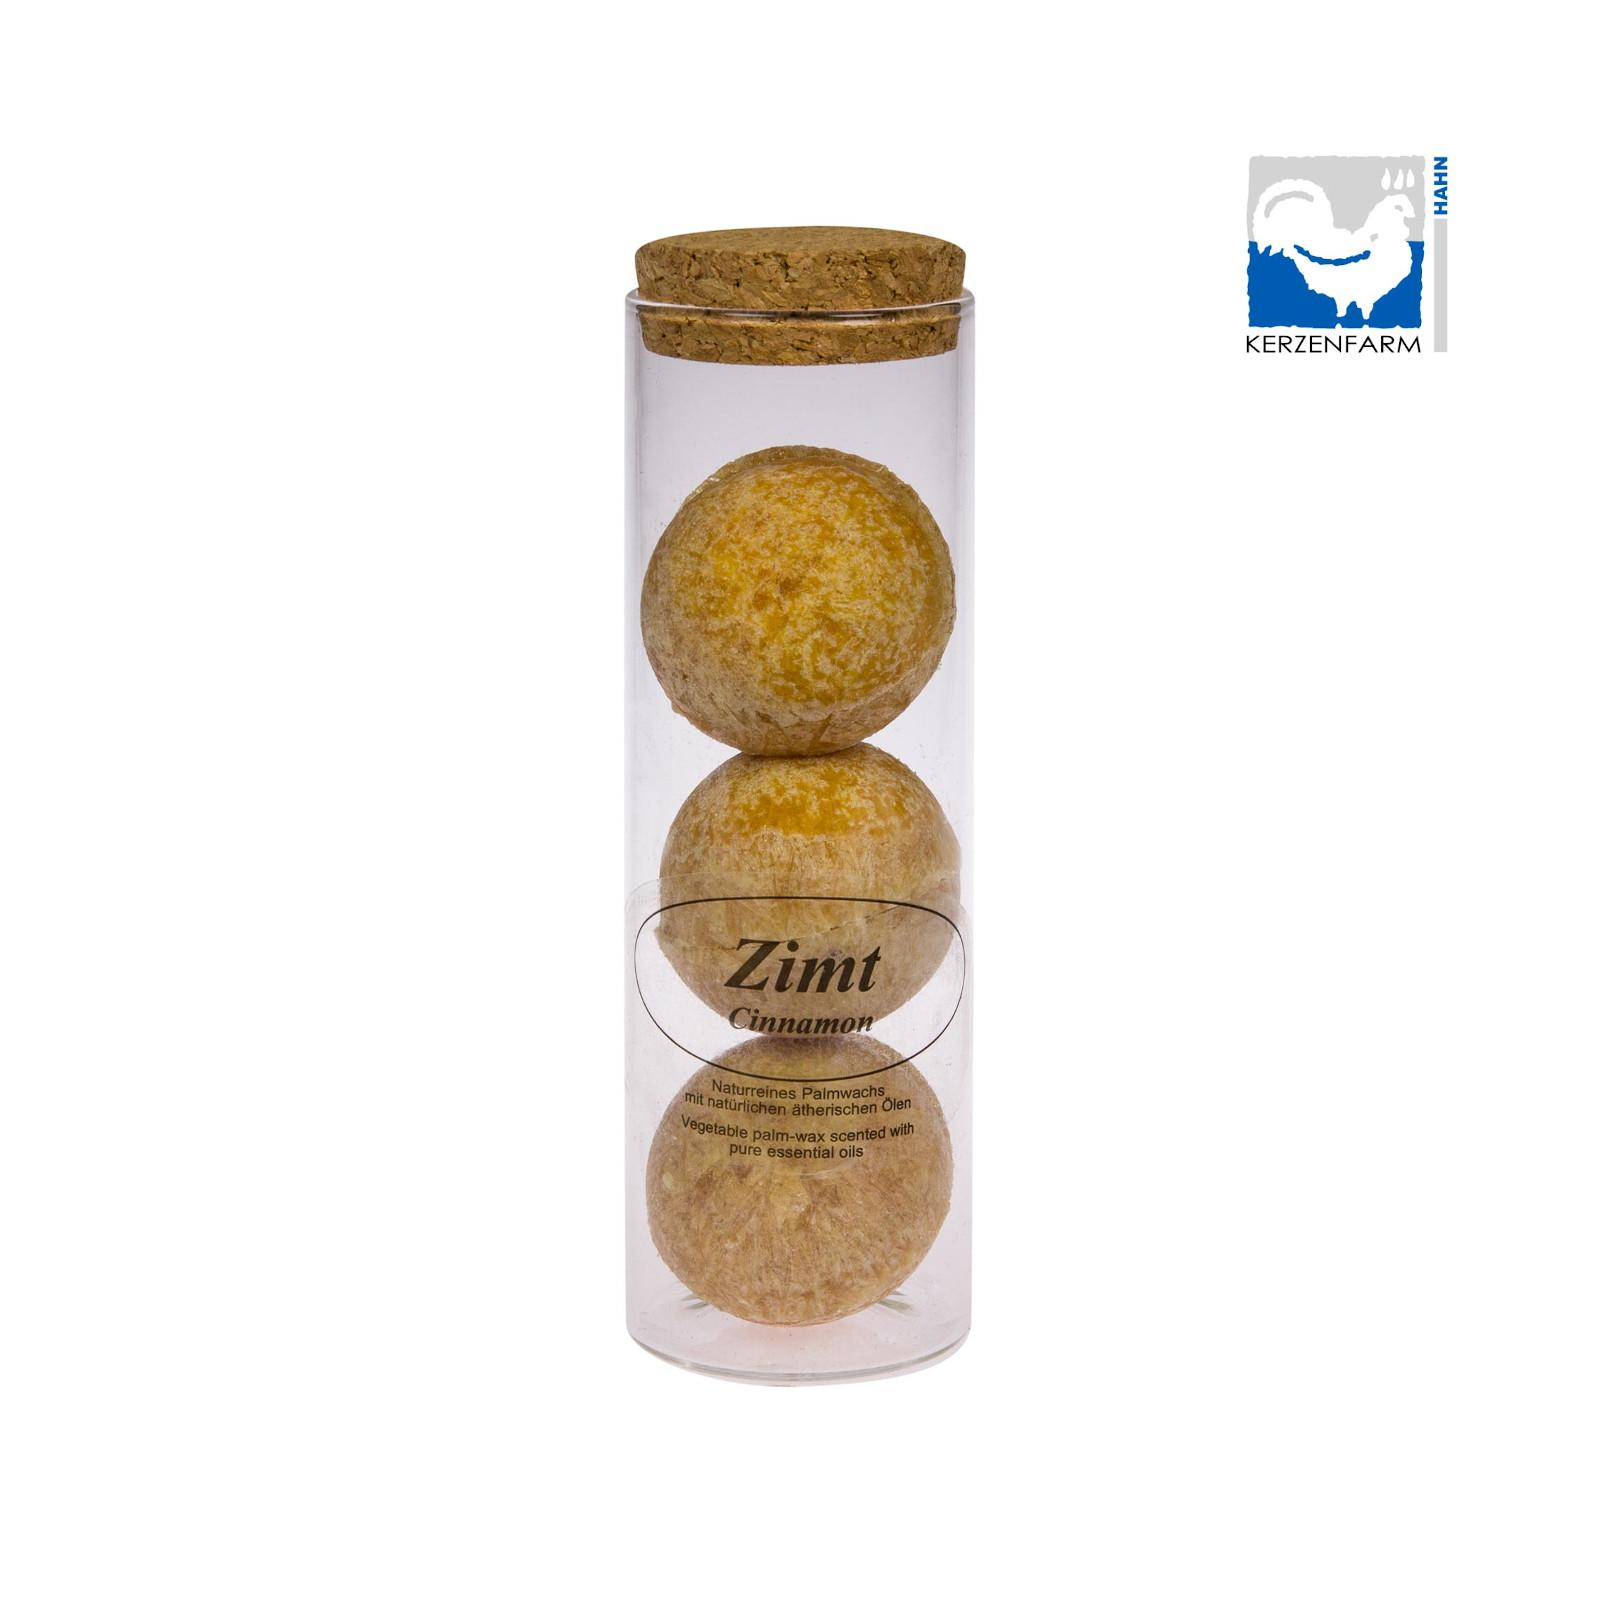 Kerzenfarm Kapsle do aromalampy, Cinnamon 6 ks, dóza